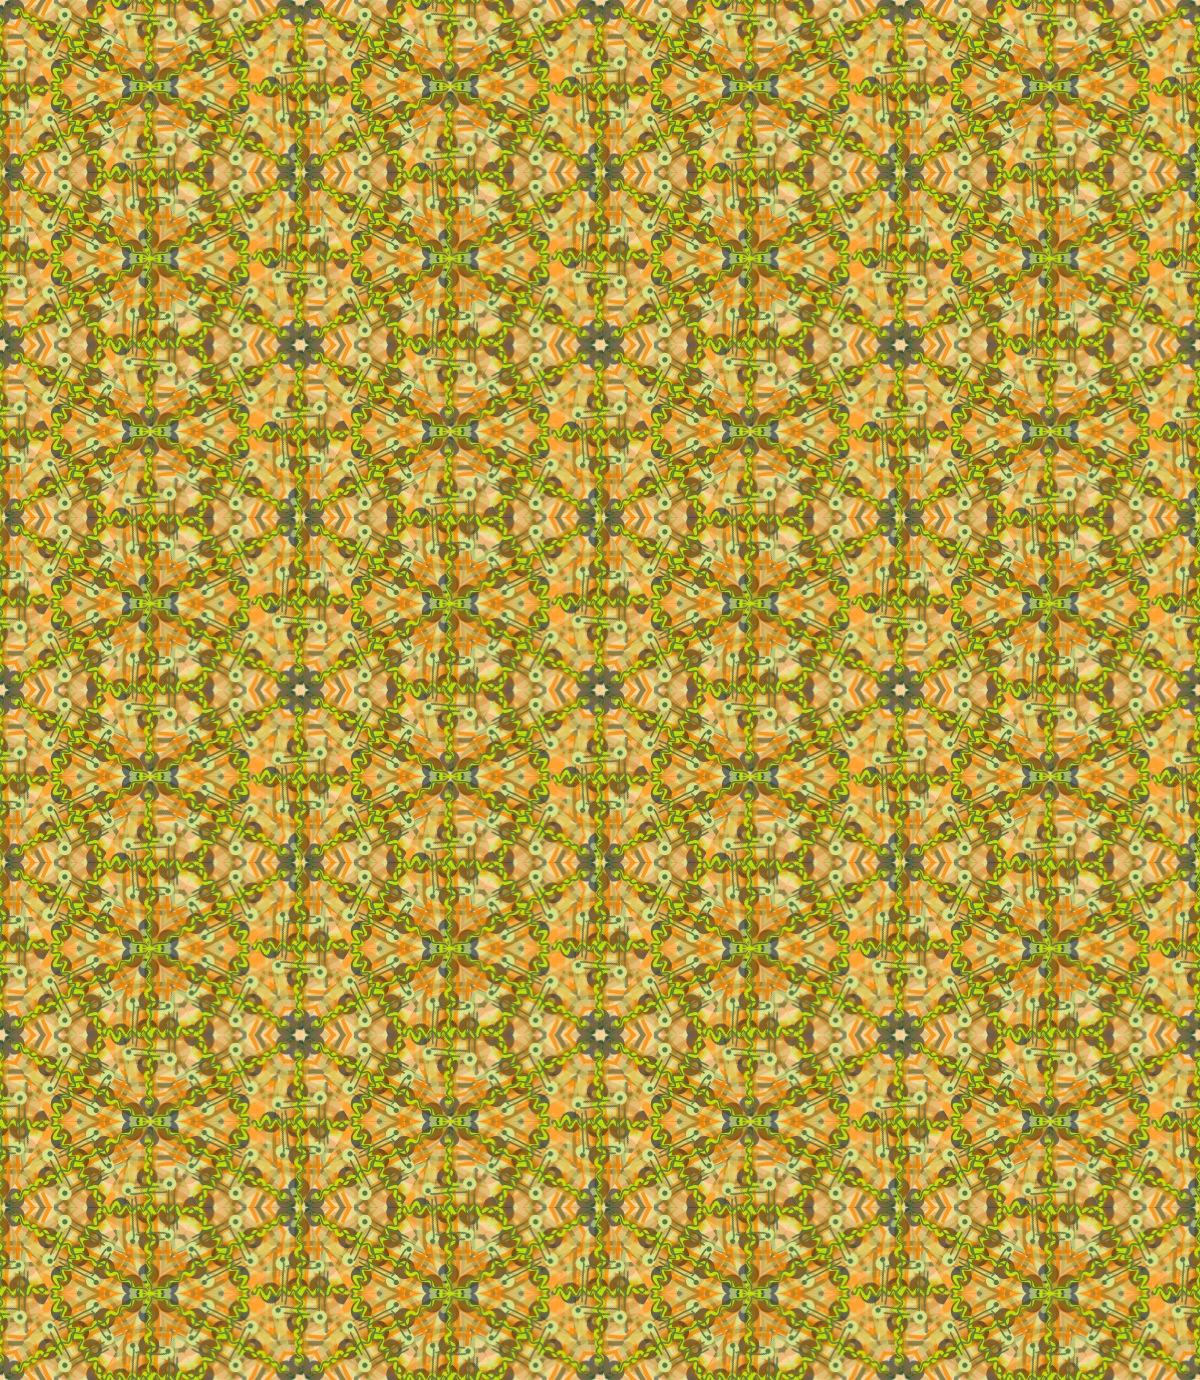 011_tiled